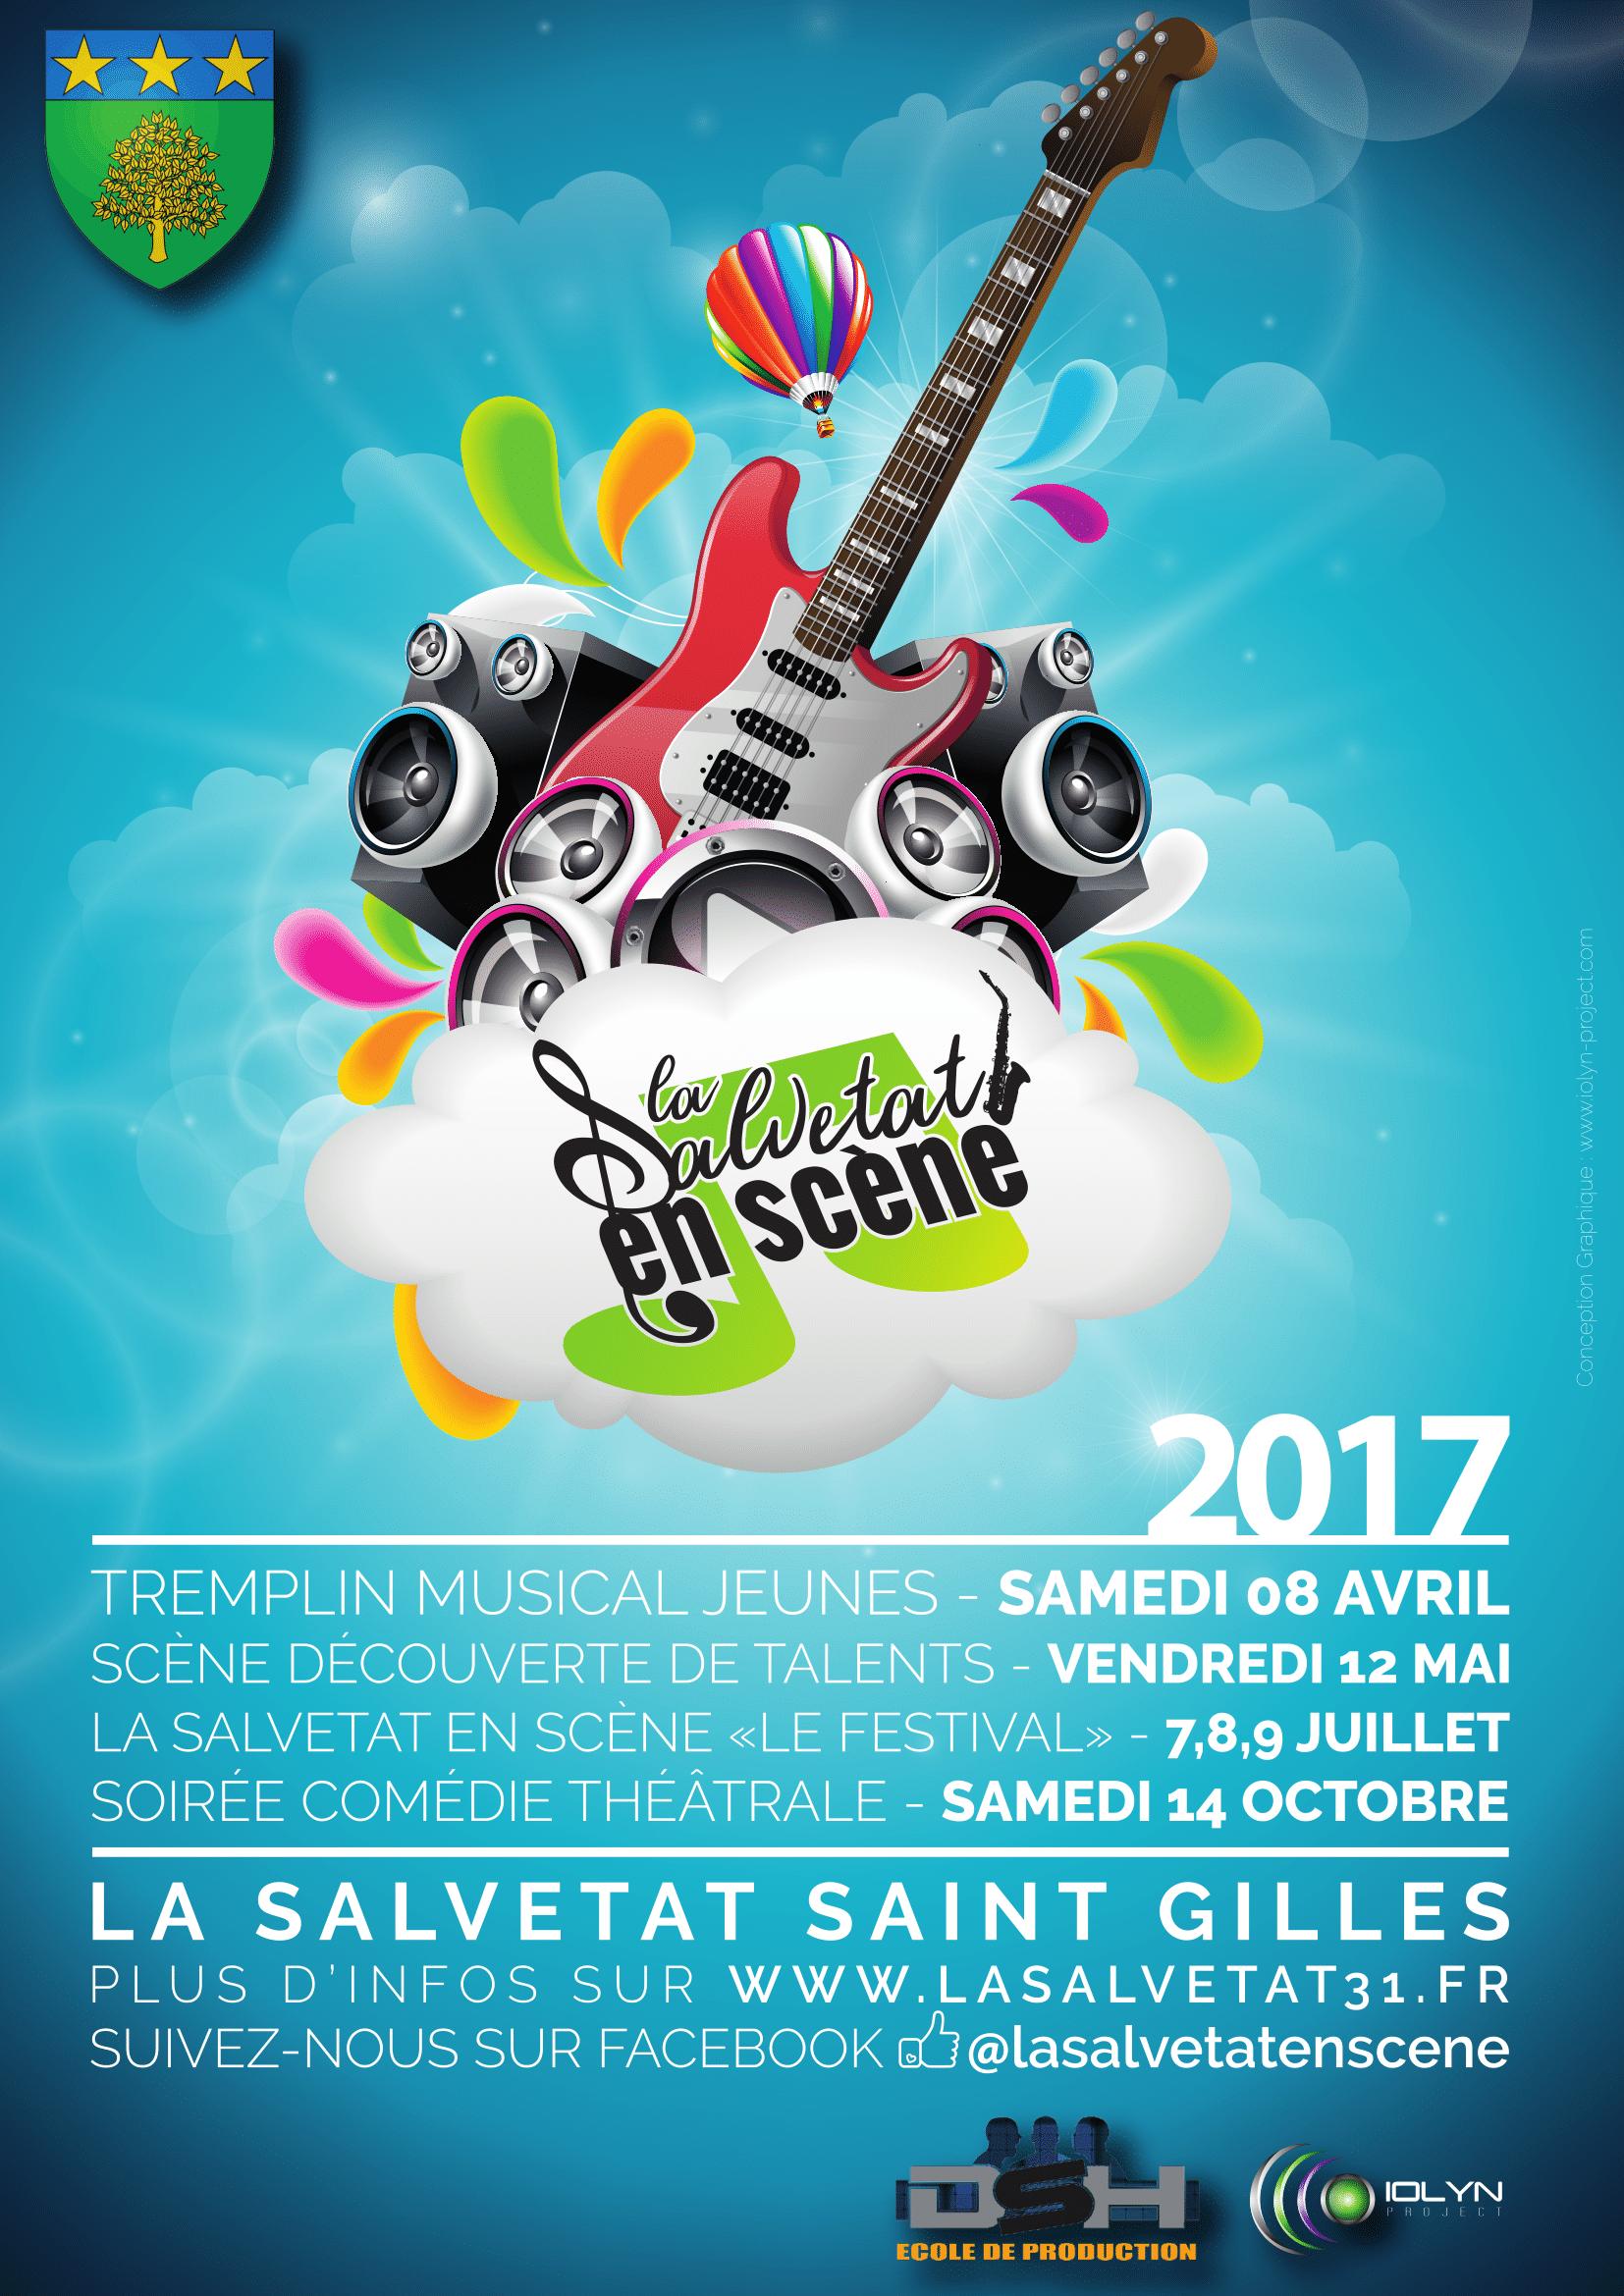 La Salvetat En Scène Tour 2017